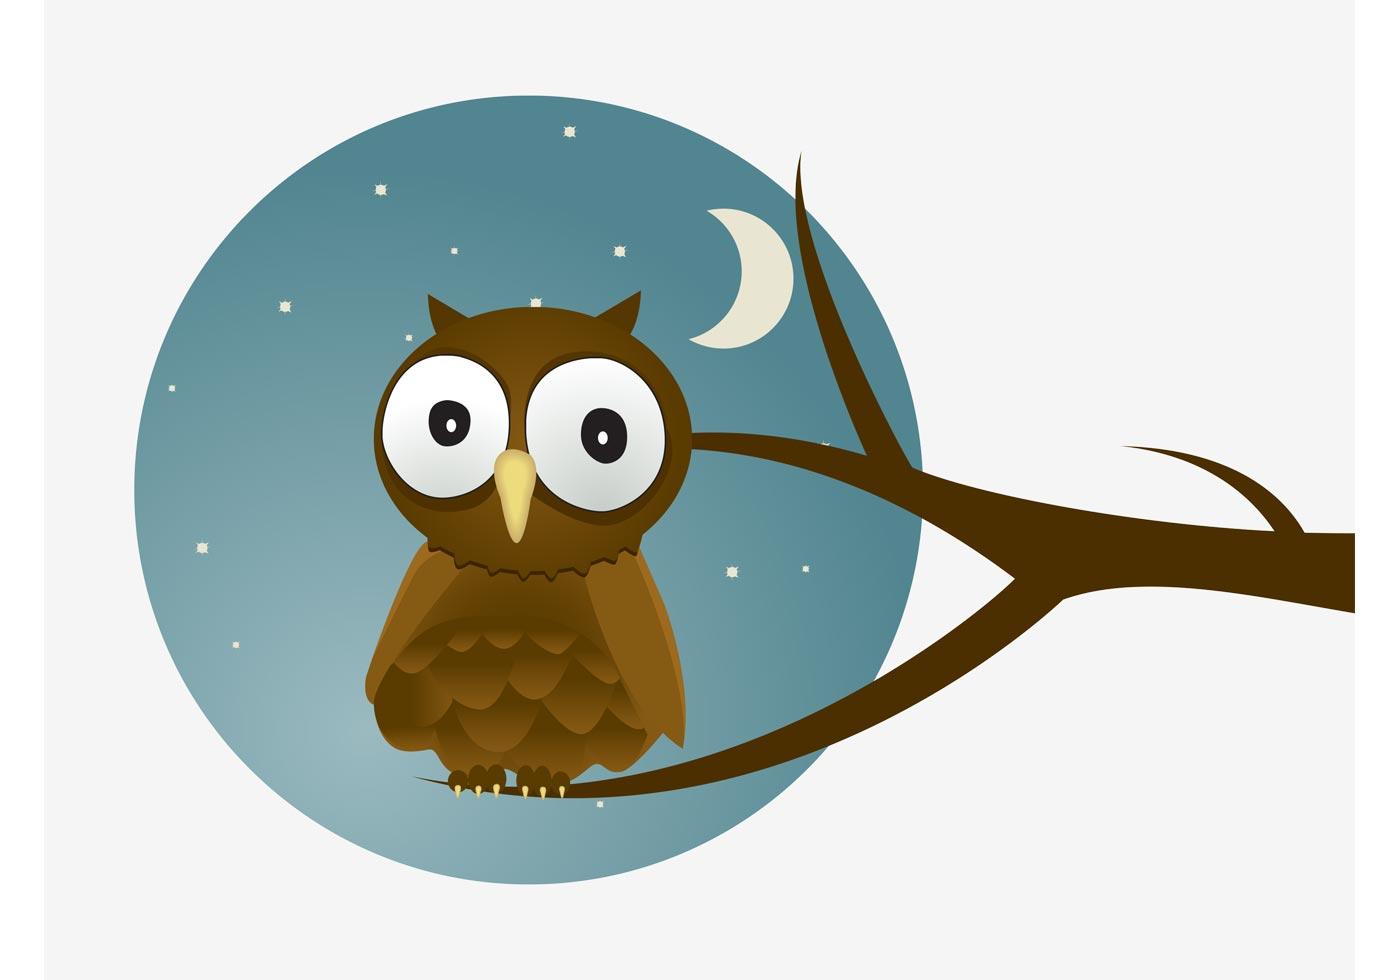 Cartoon Owl Vector - Download Free Vector Art, Stock ...